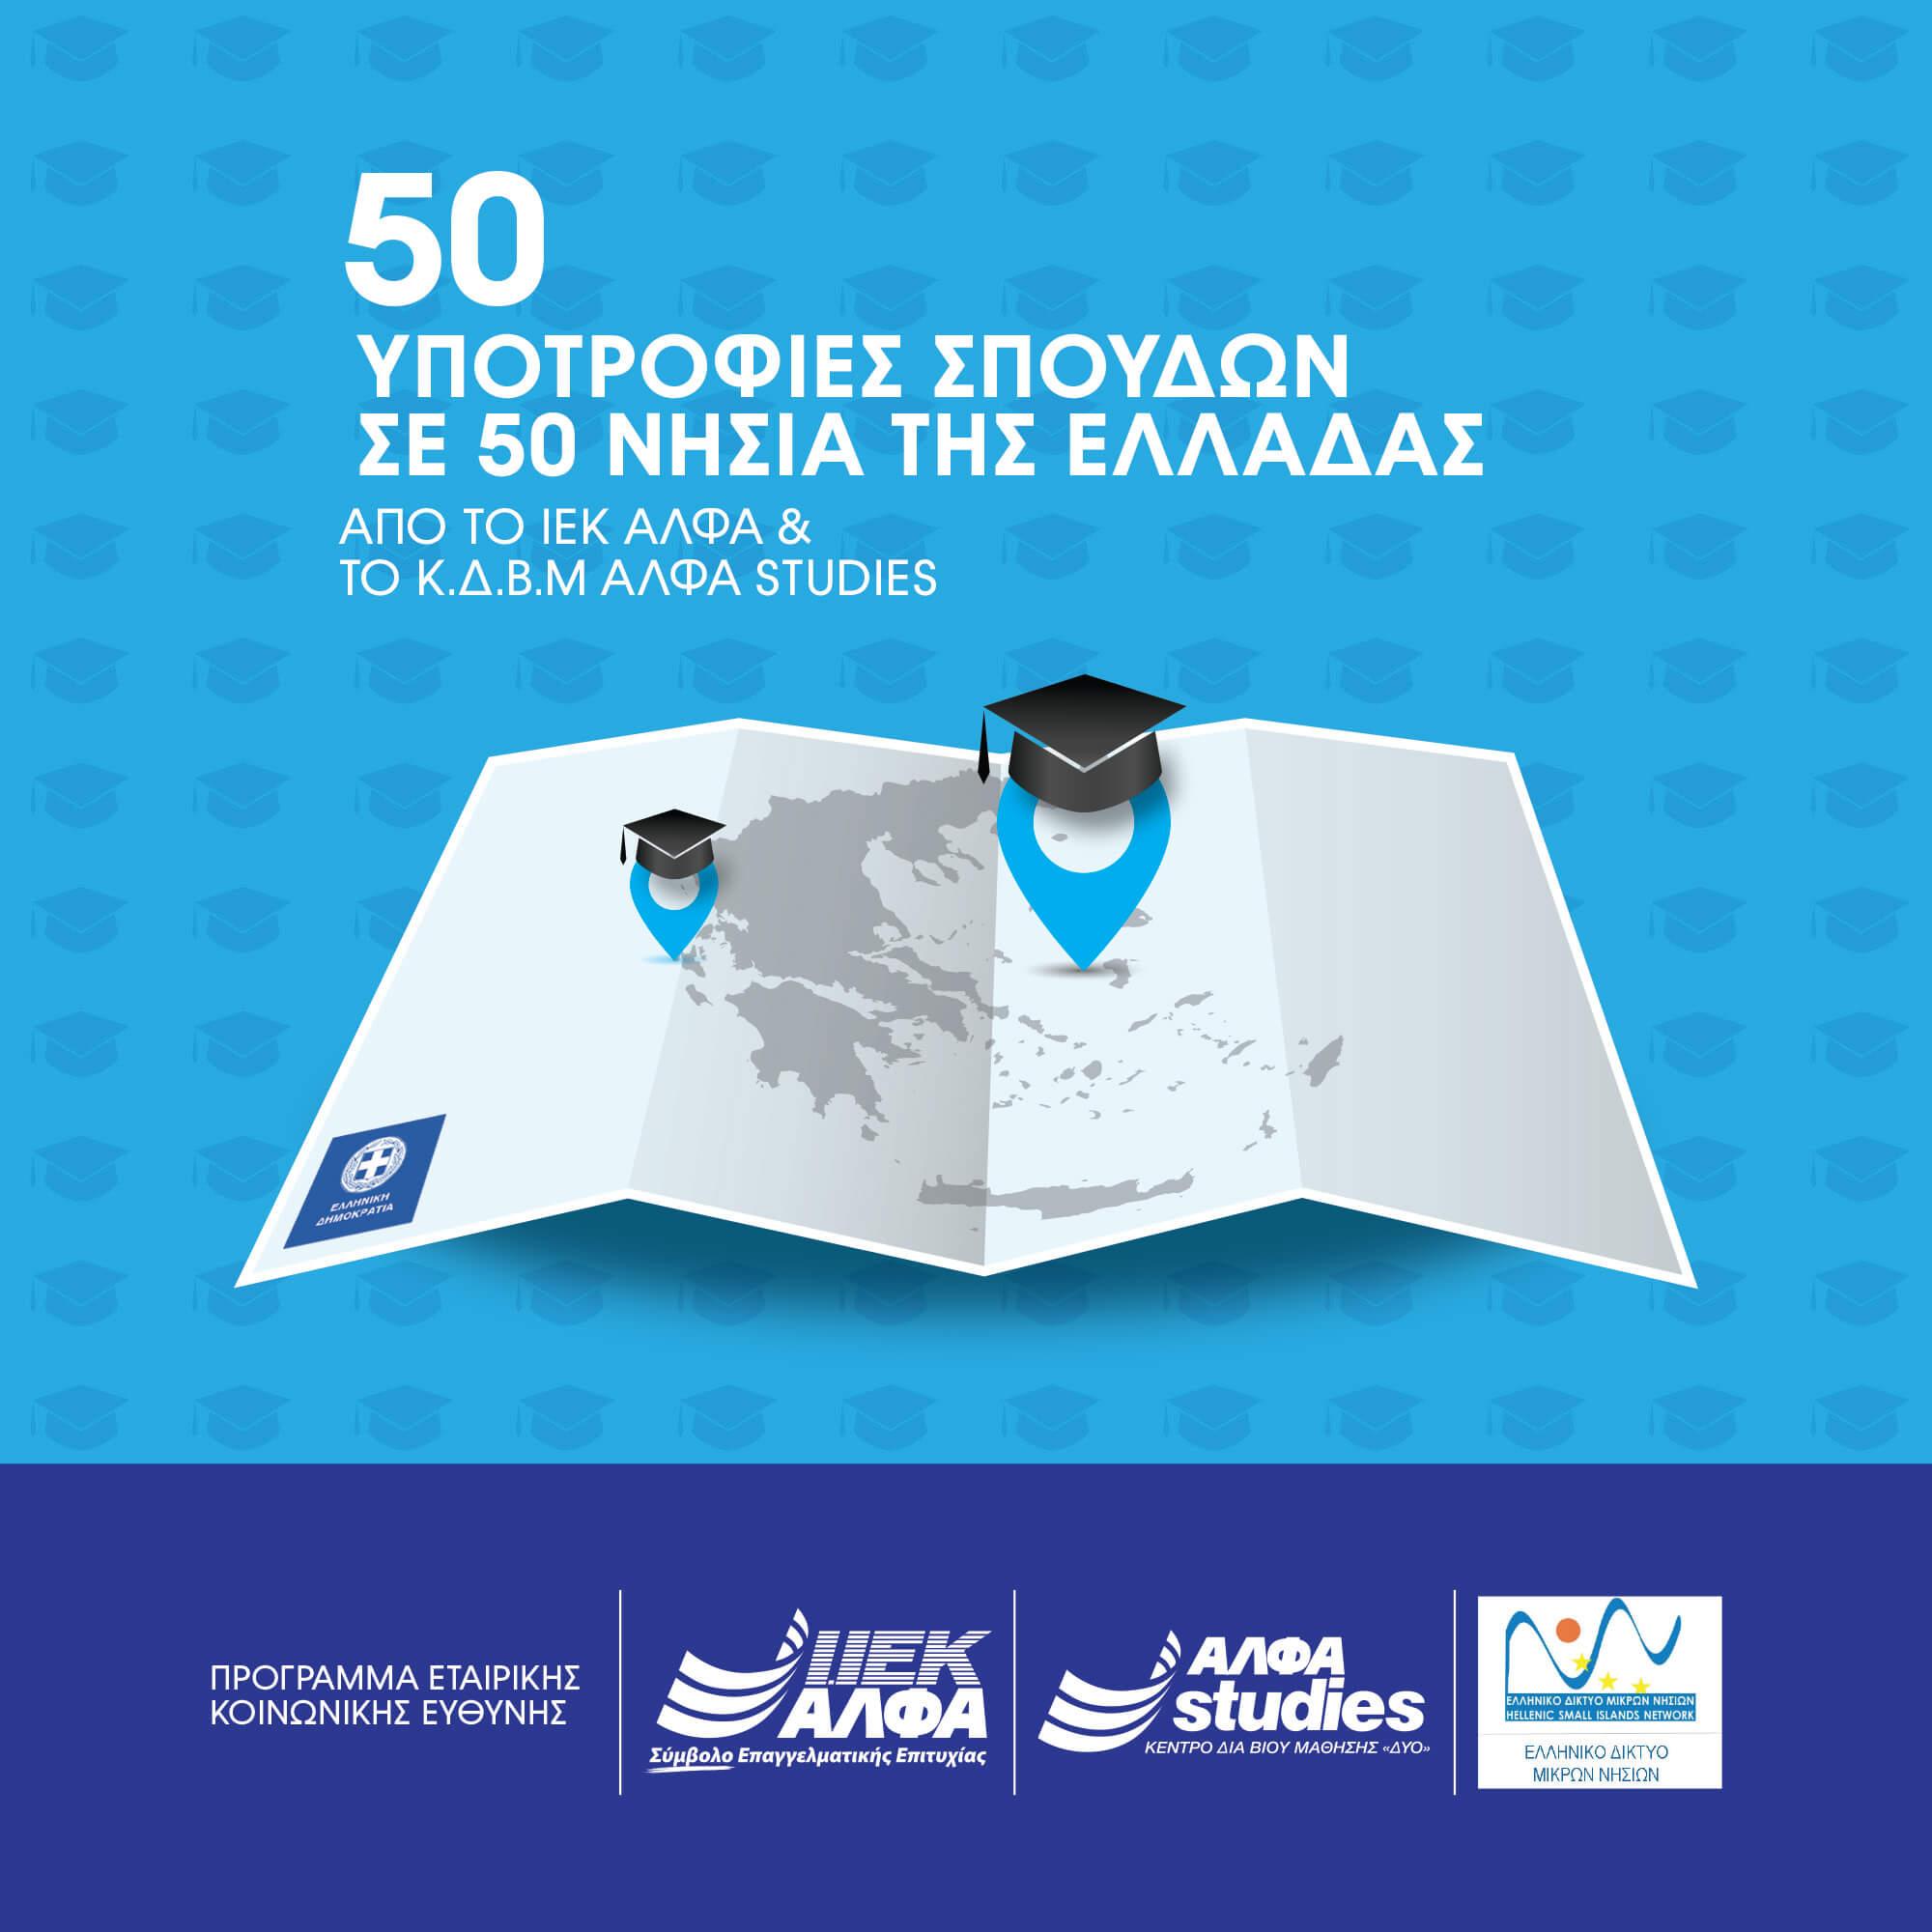 50 υποτροφίες σπουδών σε νέους του Ελληνικού Δικτύου Μικρών Νησιών από το ΙΕΚ ΑΛΦΑ & το ΑΛΦΑ studies